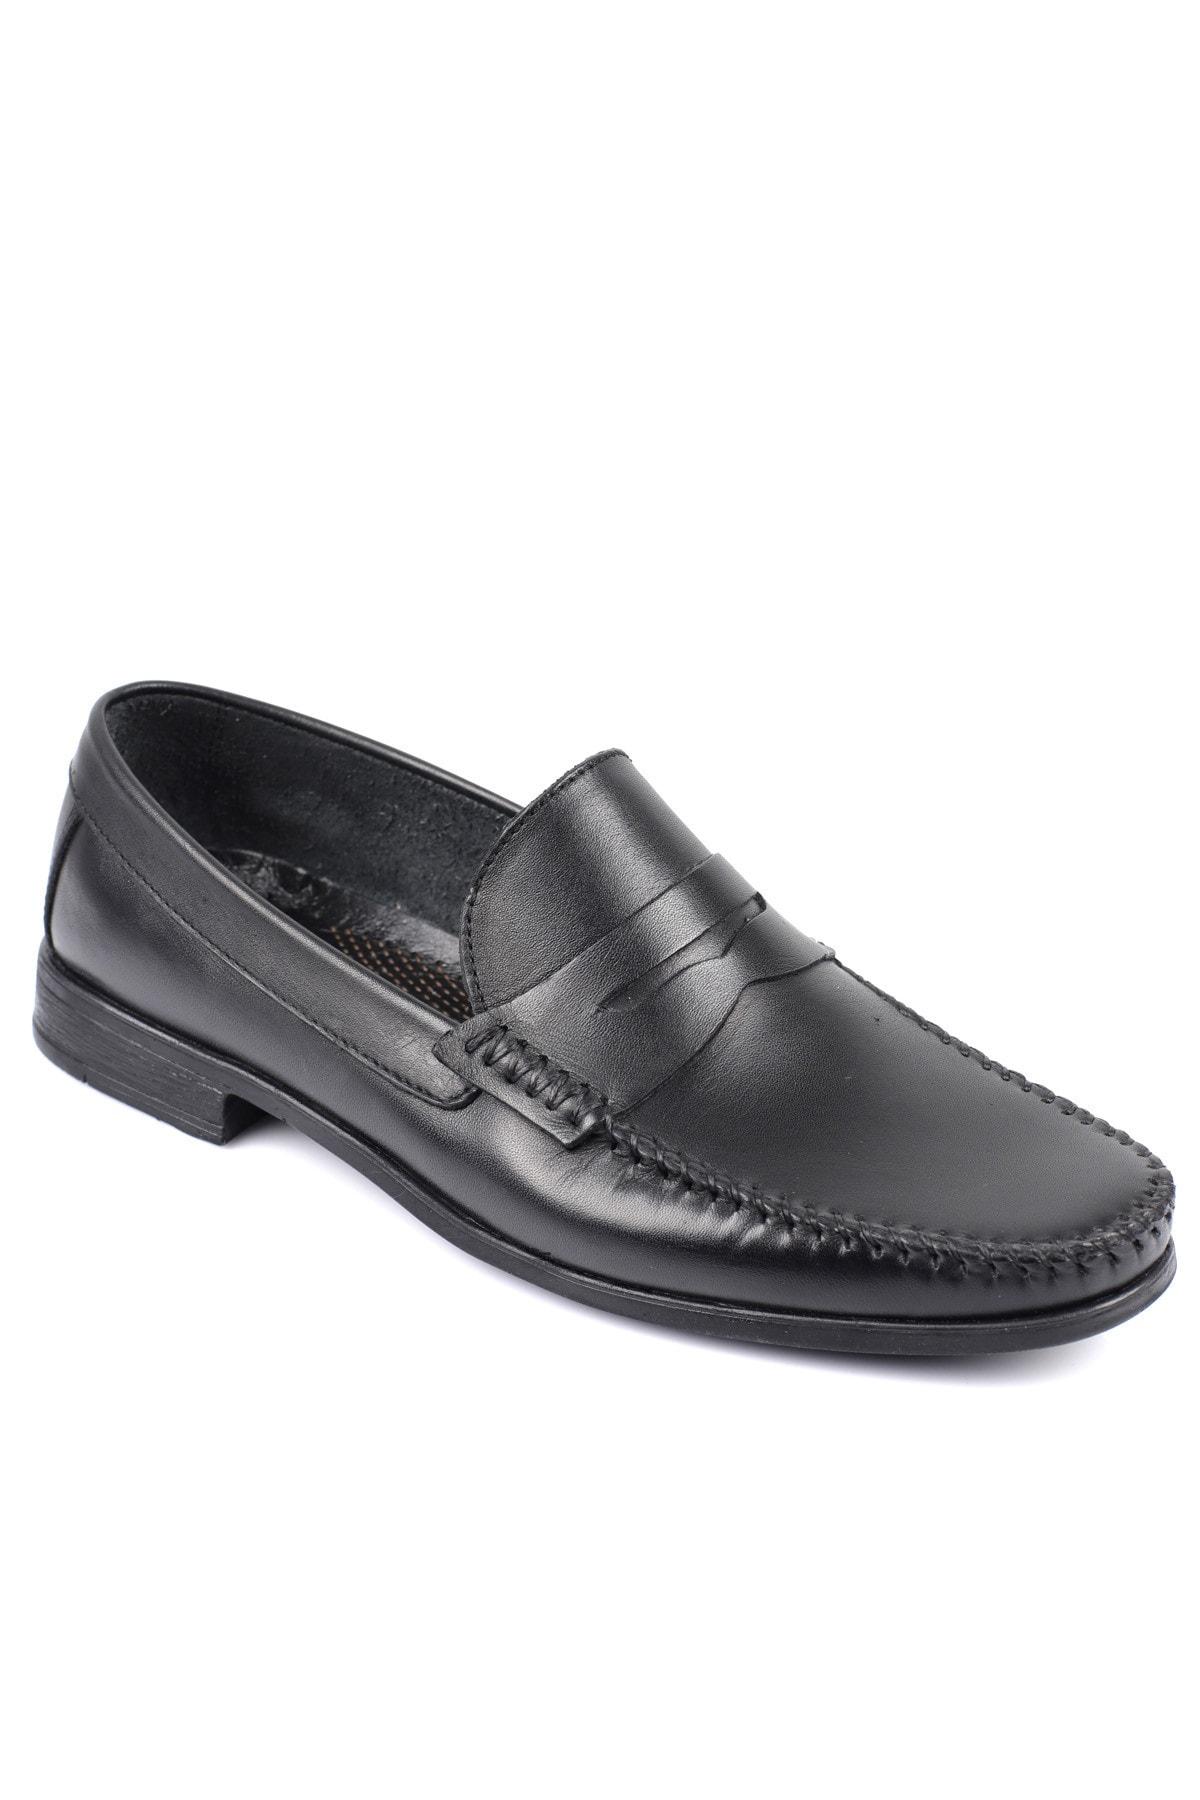 Daxtors D10180 Günlük Klasik Hakiki Deri Erkek Ayakkabı 2